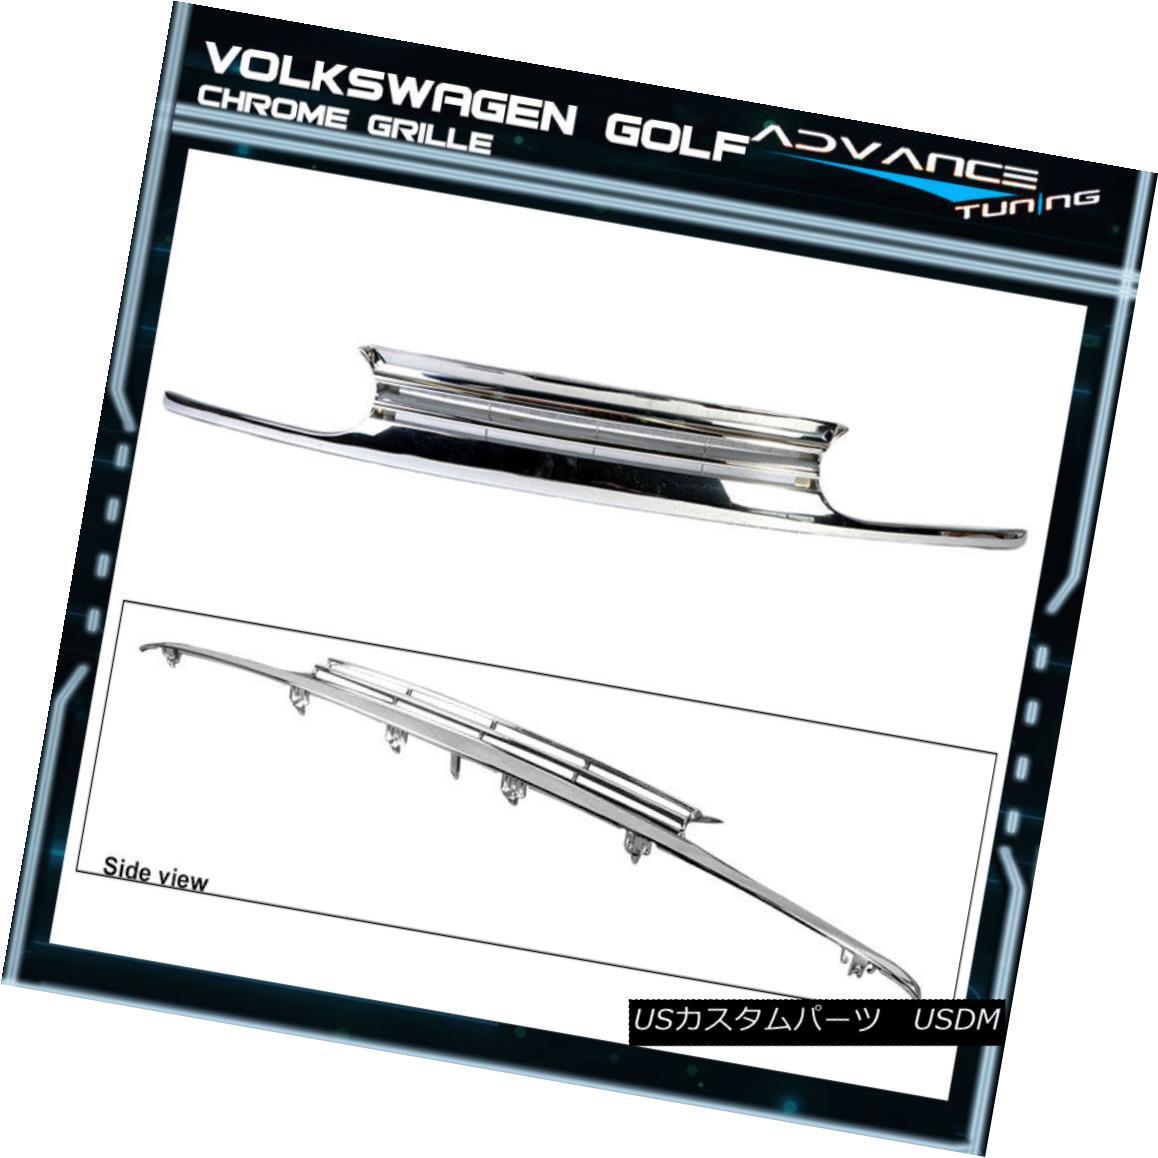 グリル For 93-98 Volkswagen VW Golf Mk3 Chrome Grill Grille 93-98フォルクスワーゲンVWゴルフMk3クロームグリルグリル